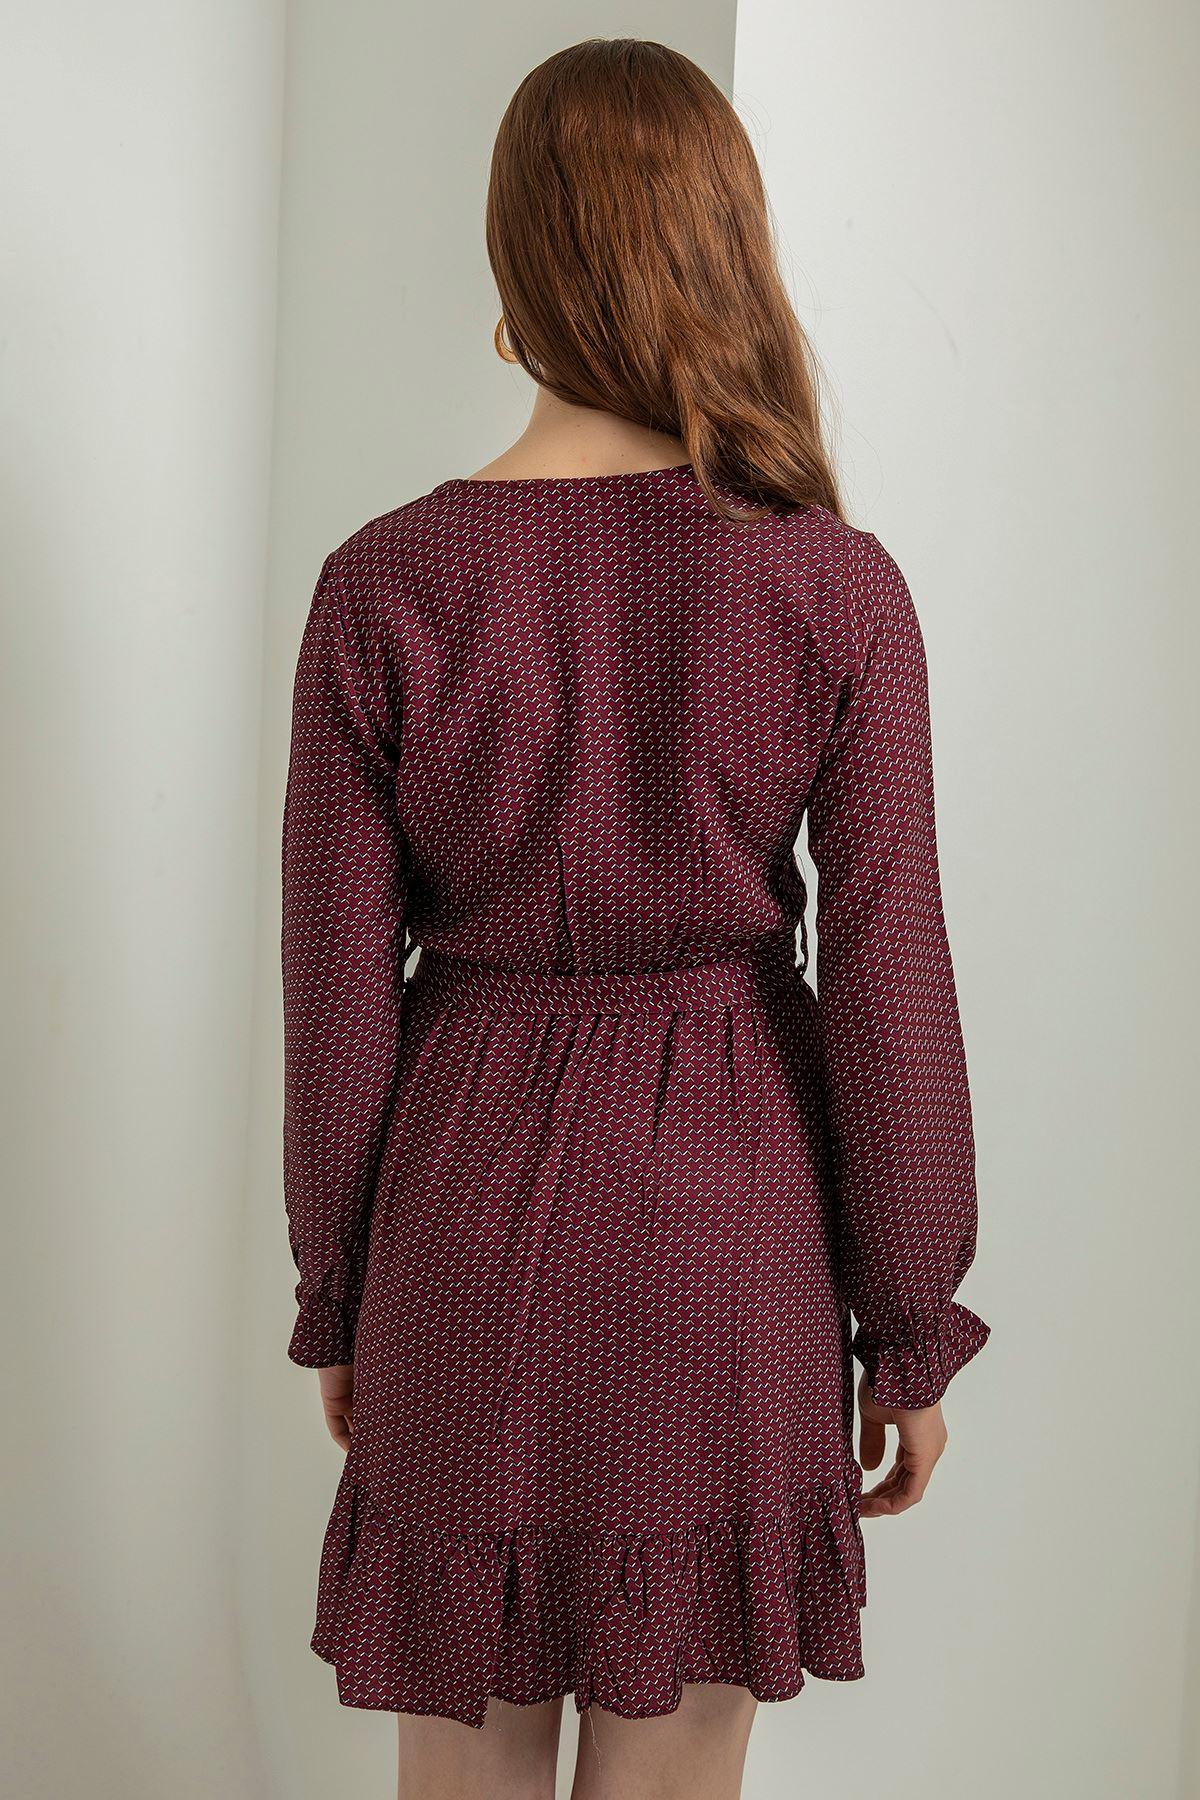 Kruvaze Yaka Kuşaklı Elbise-Bordo